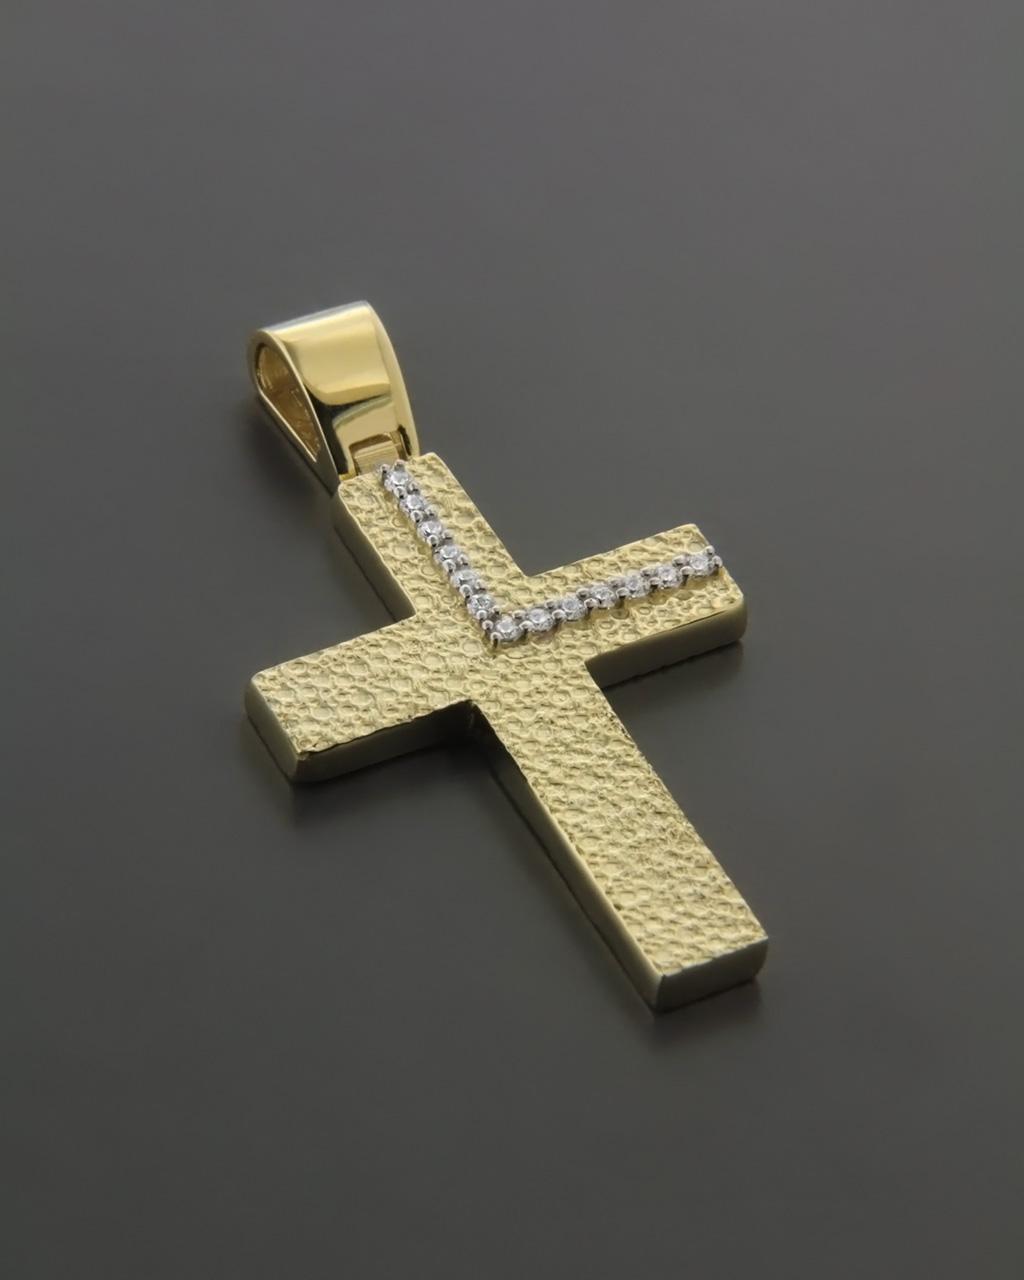 Σταυρός βάπτισης χρυσός Κ14 με Ζιργκόν   κοσμηματα σταυροί σταυροί χρυσοί